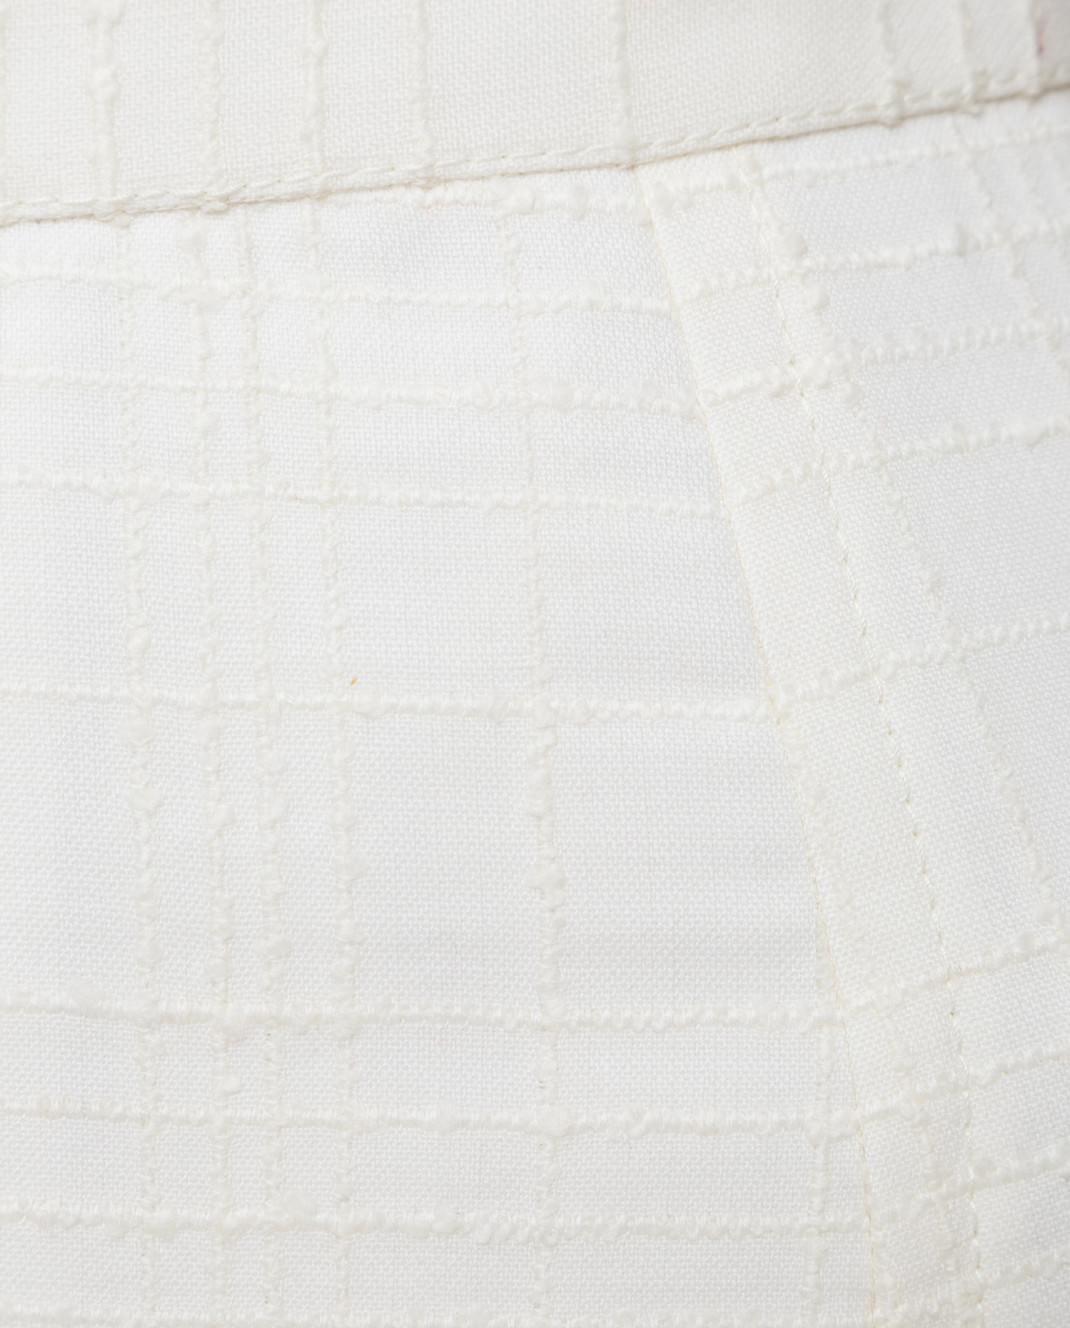 Bottega Veneta Белая юбка 544961 изображение 5